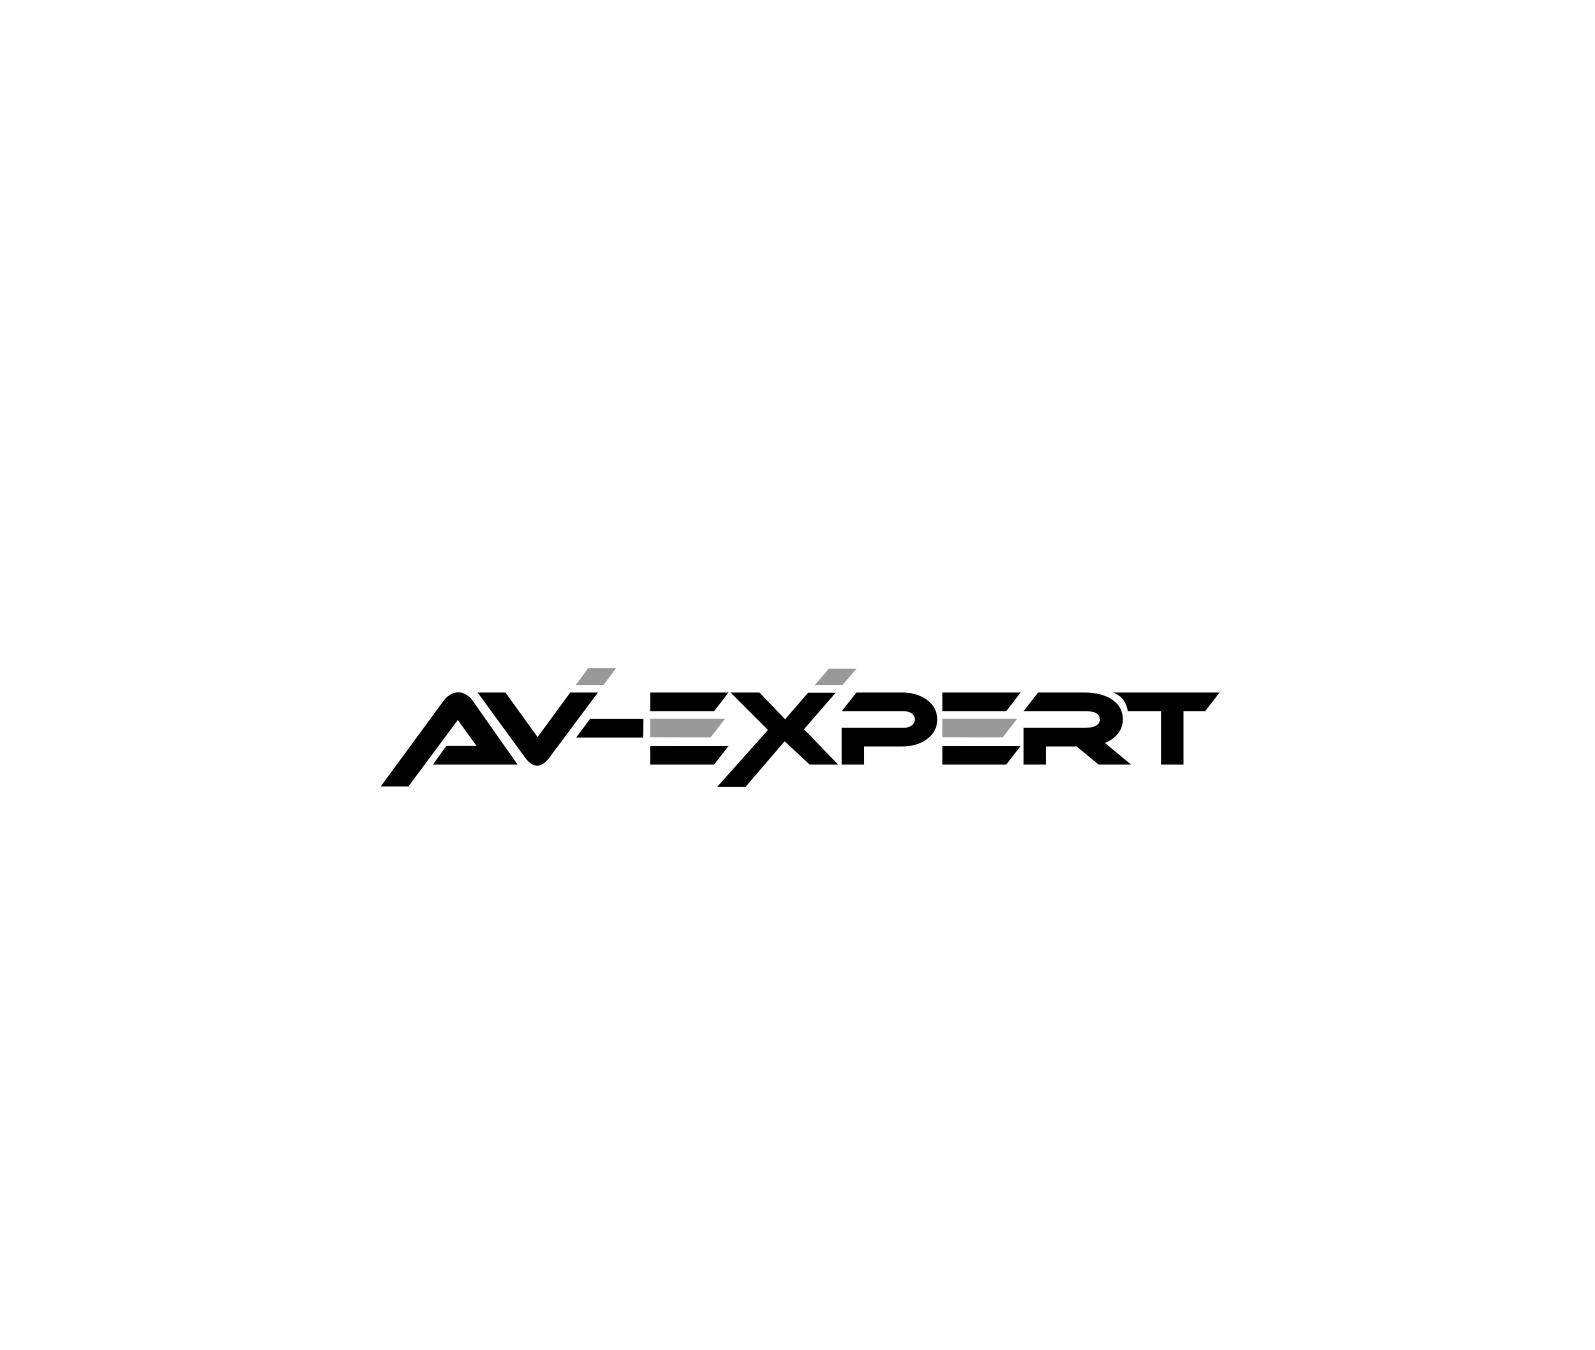 Создание логотипа, фирстиля фото f_9555c5eafb463e9a.jpg